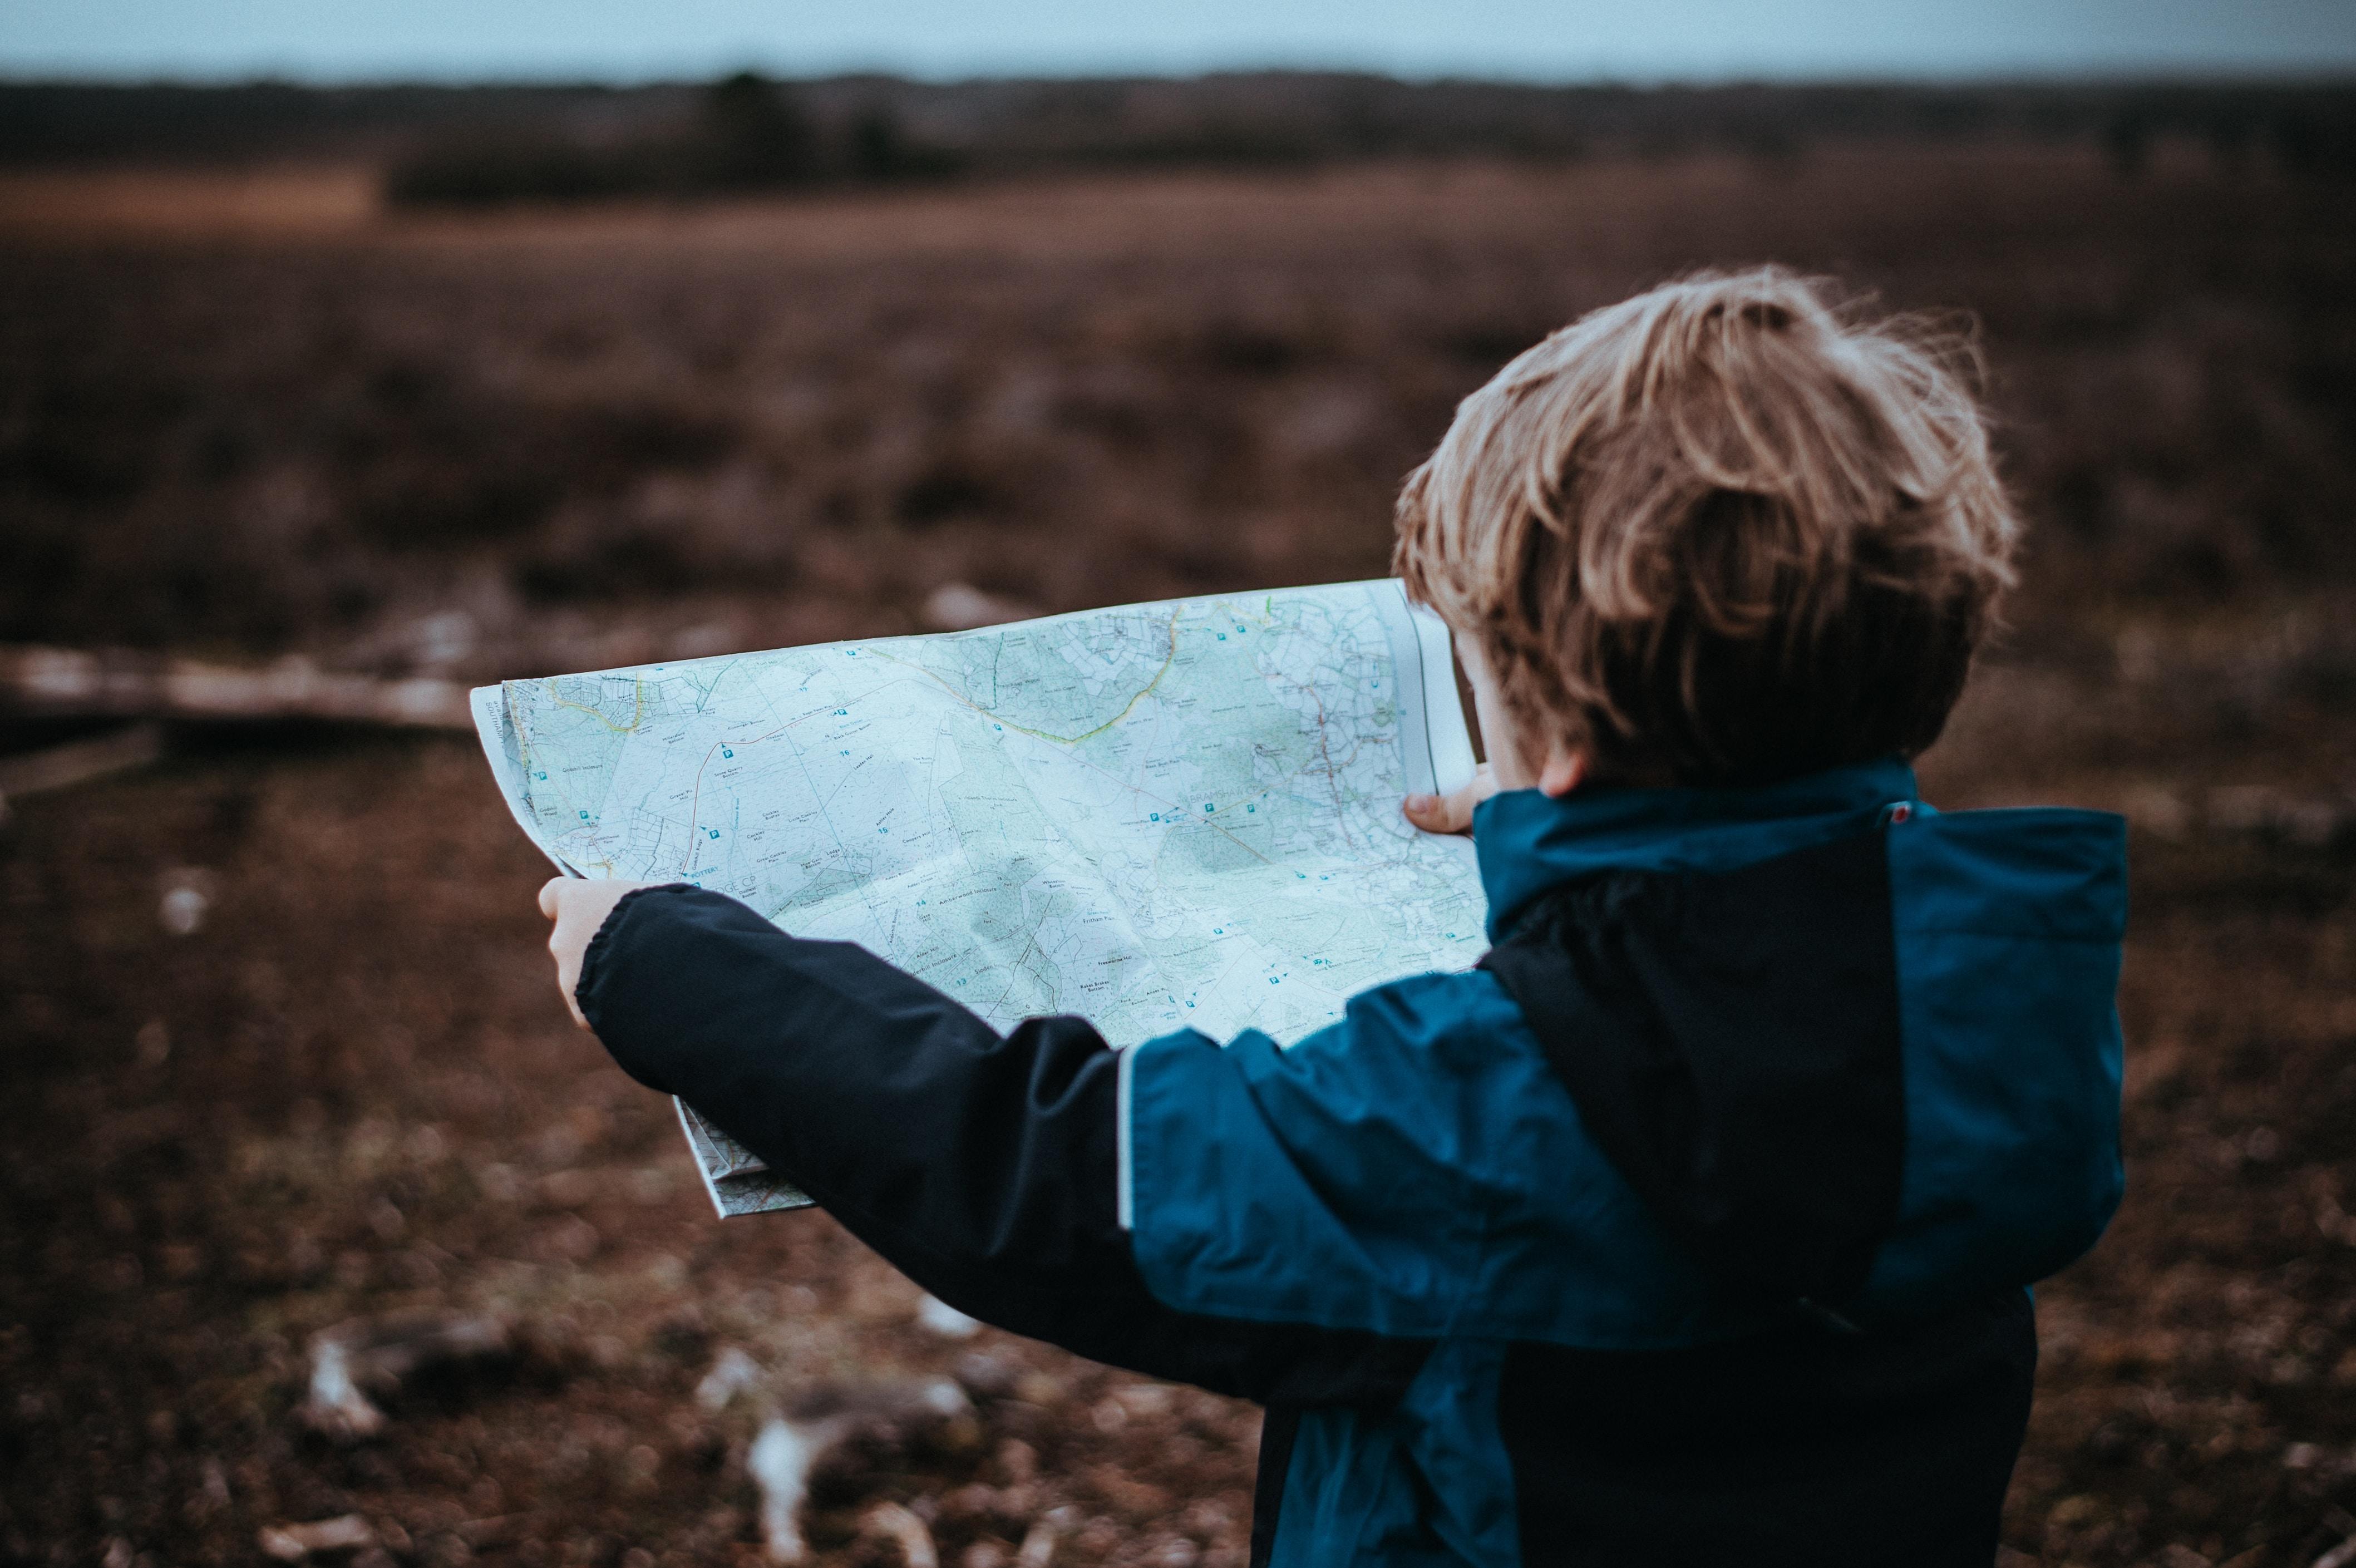 Želimo da deca dođu do sopstvenih zaključaka i odluka, a ne samo da uzimaju zdravo za gotovo sve što im se kaže.To je jako korisno za razvoj kritičkog razmišljanja.